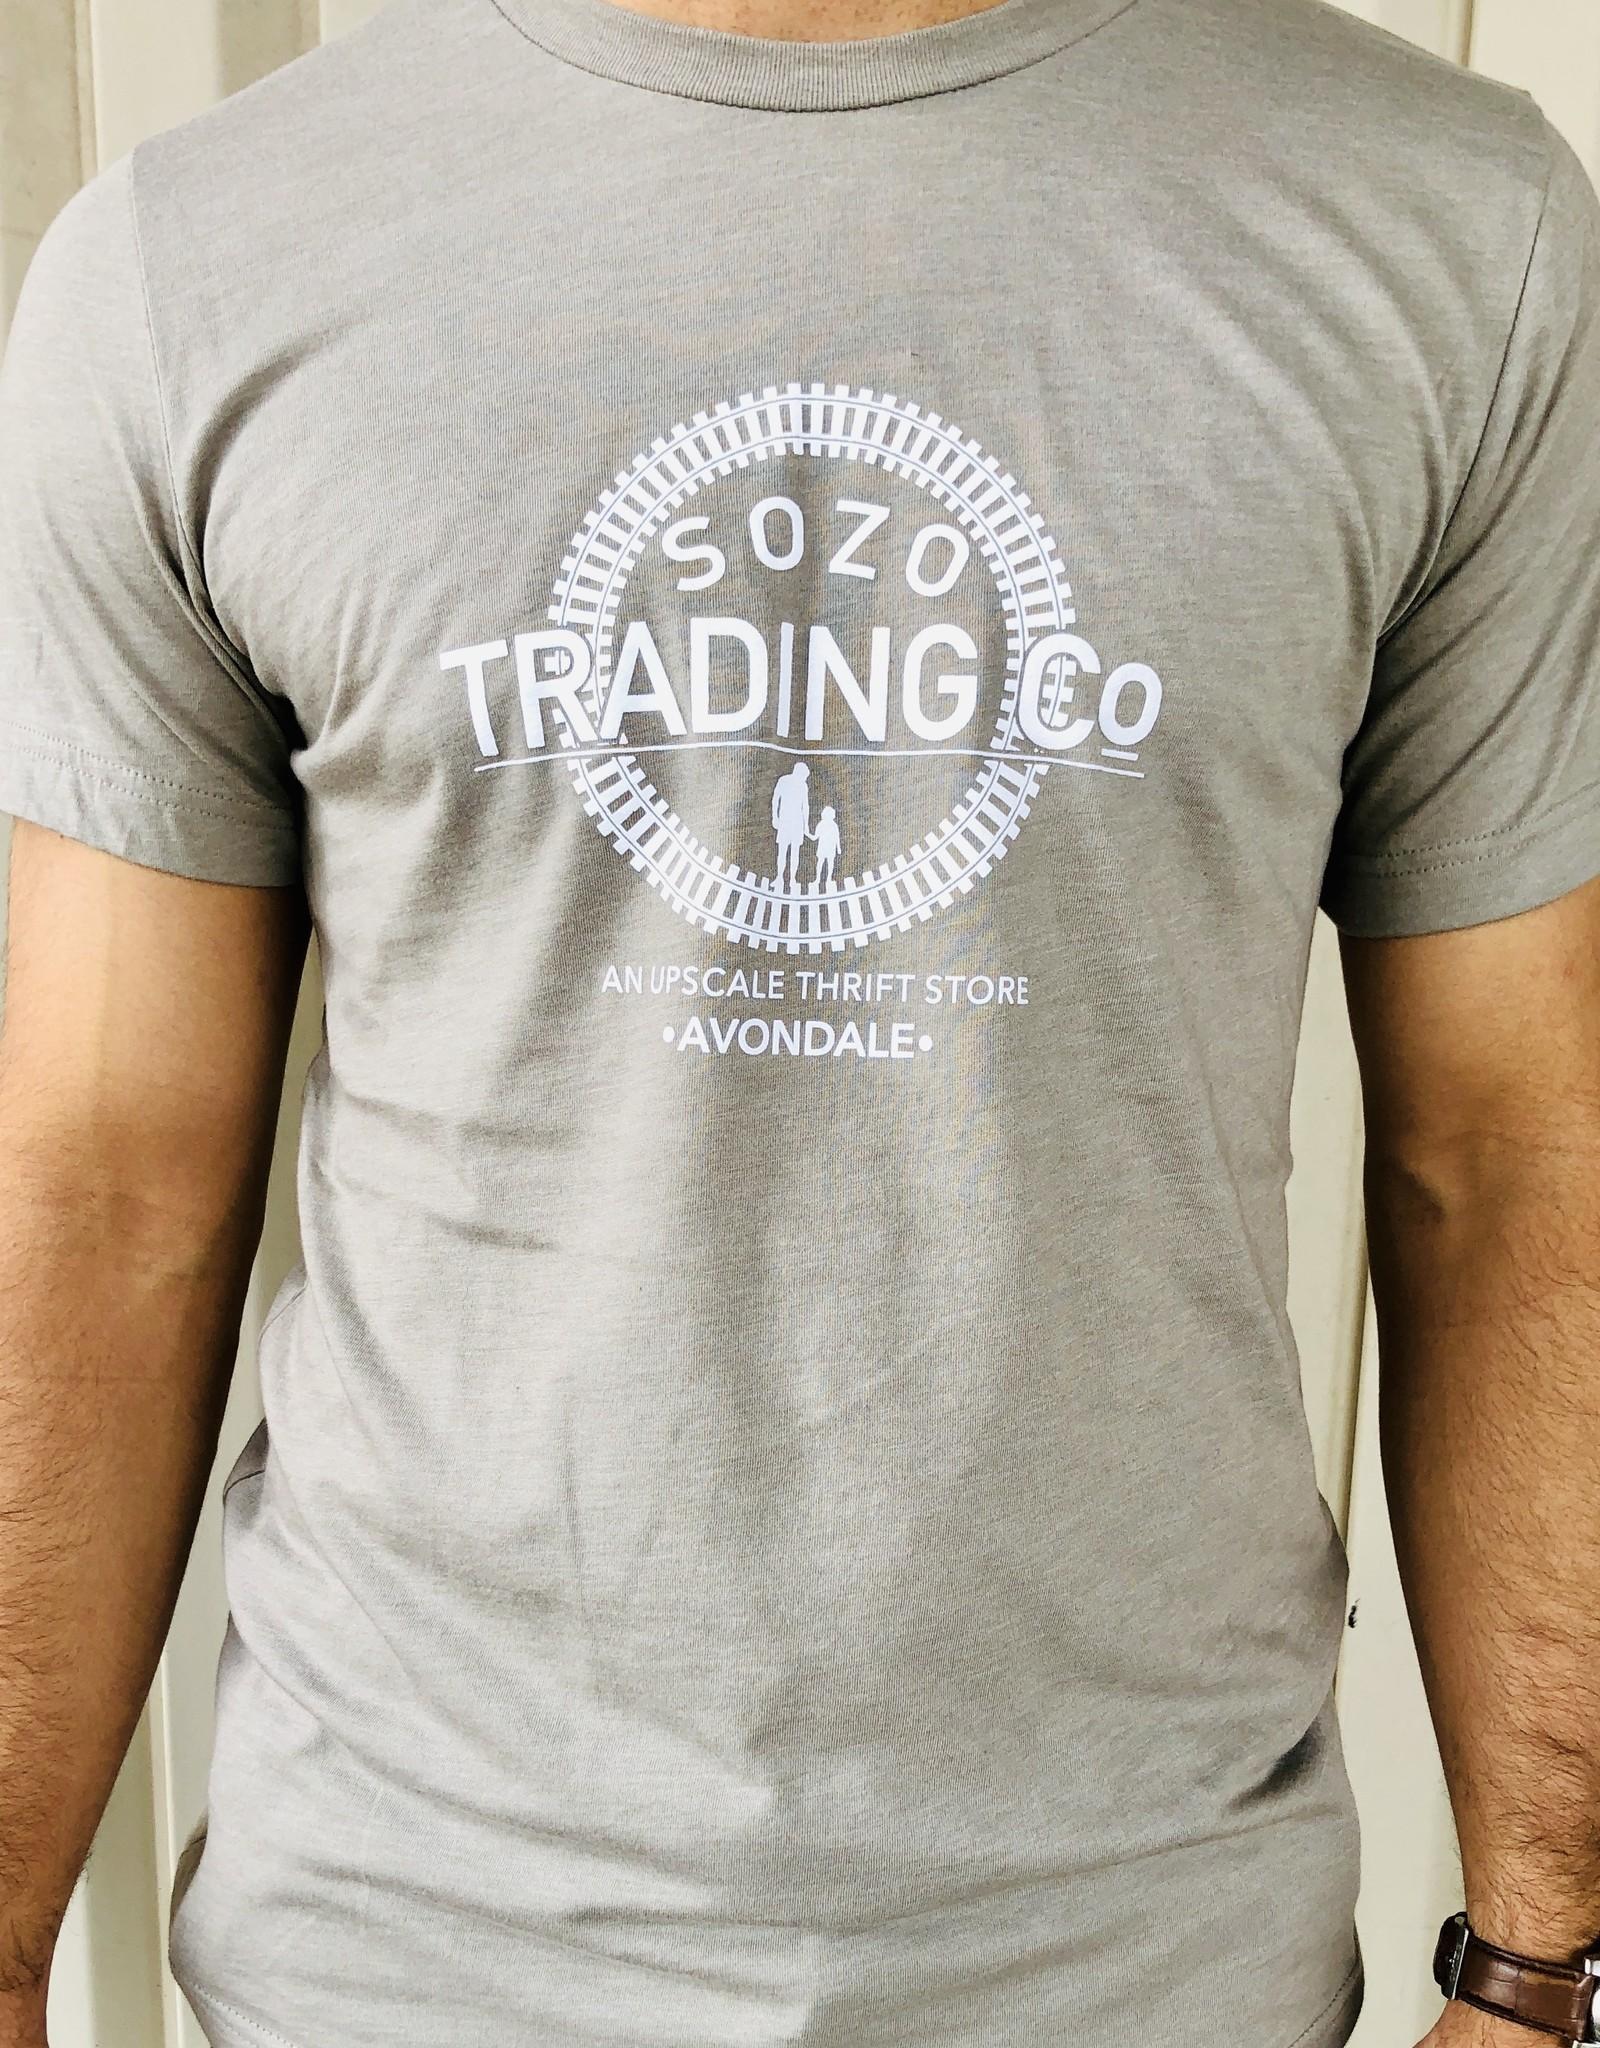 Sozo Trading Logo Tee